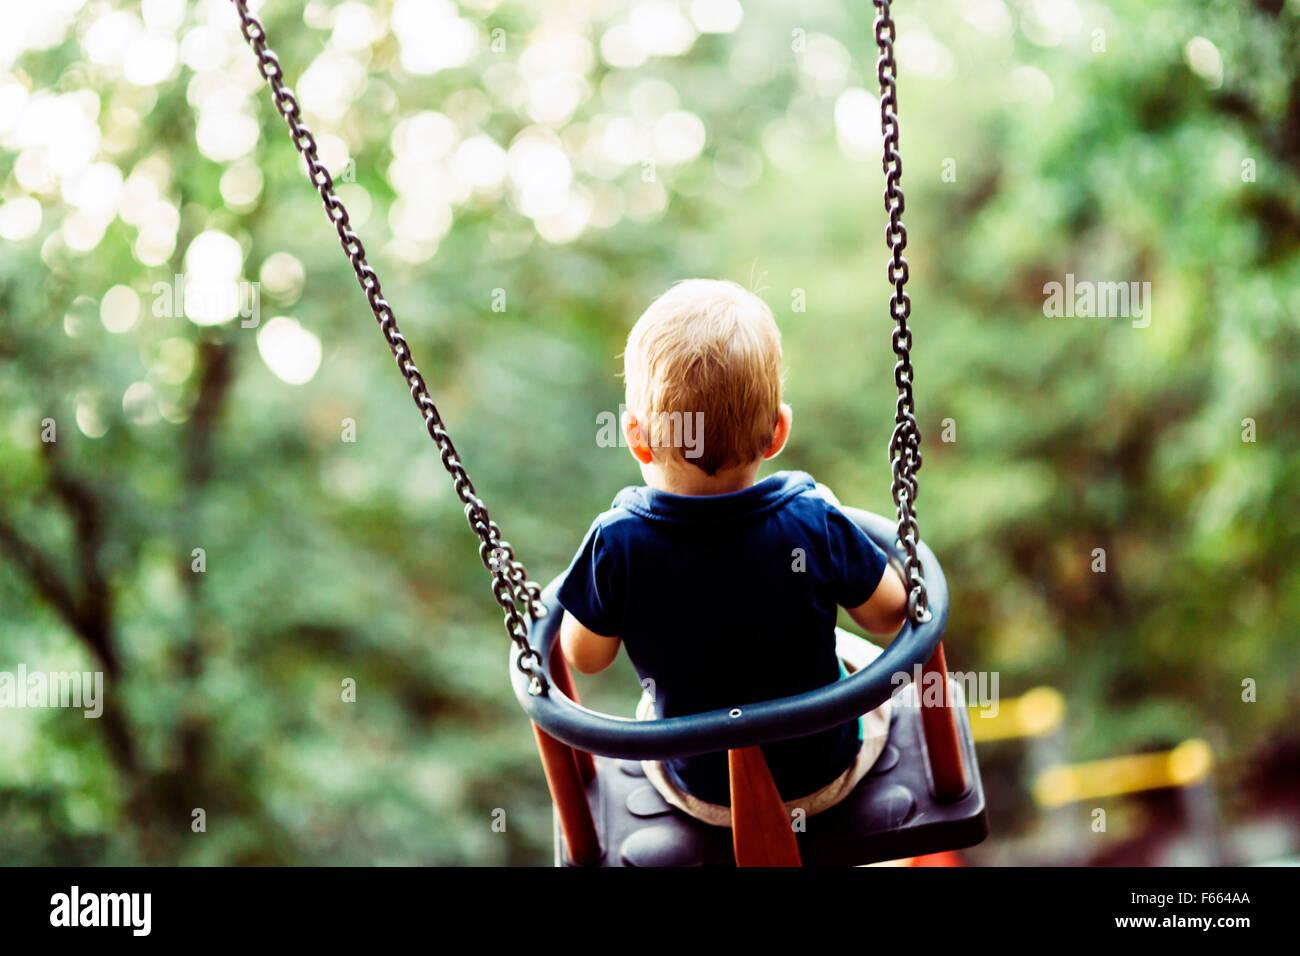 Enfant espiègle sur l'extérieur, swing shot de derrière Photo Stock